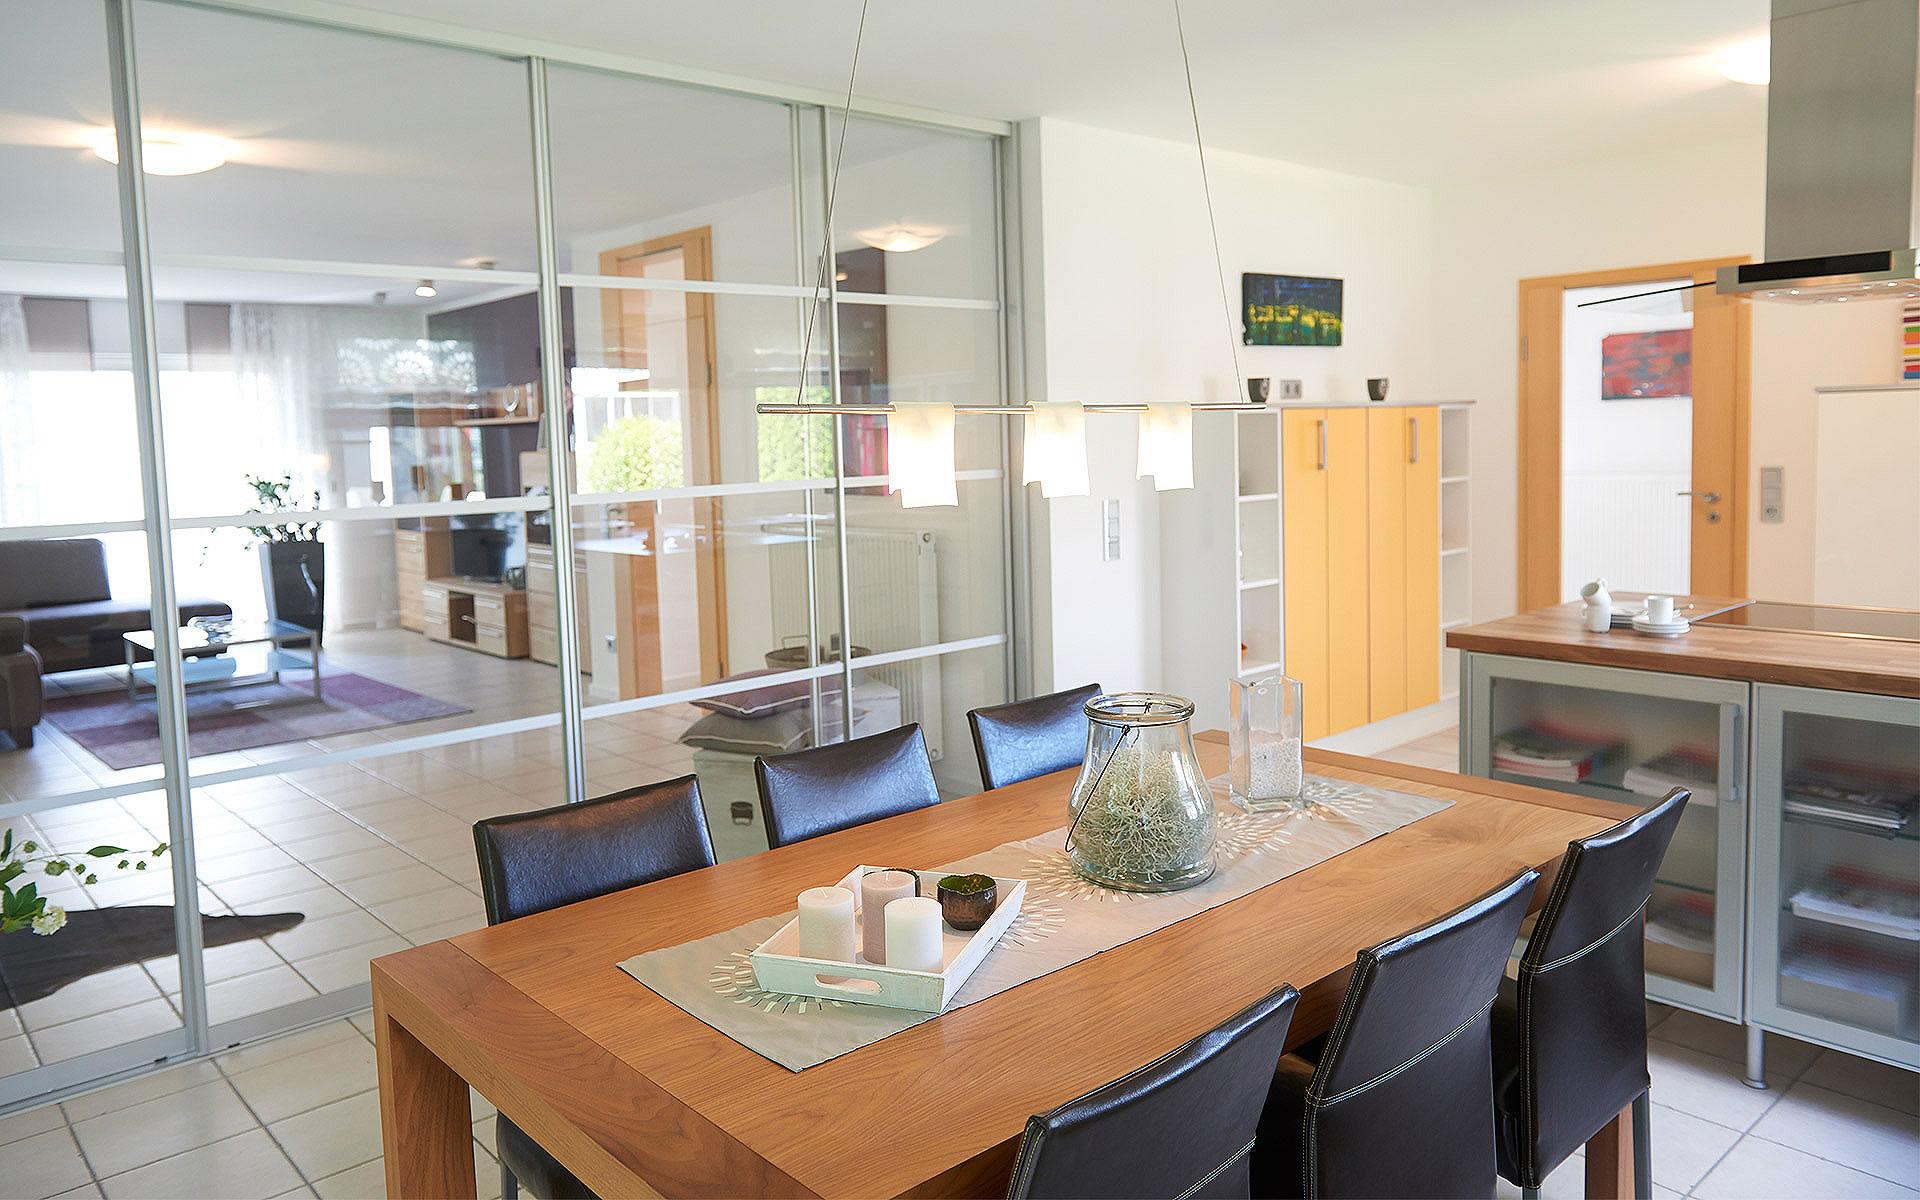 Bad Vilbel (3-Giebelhaus) von Fingerhut Haus GmbH & Co. KG